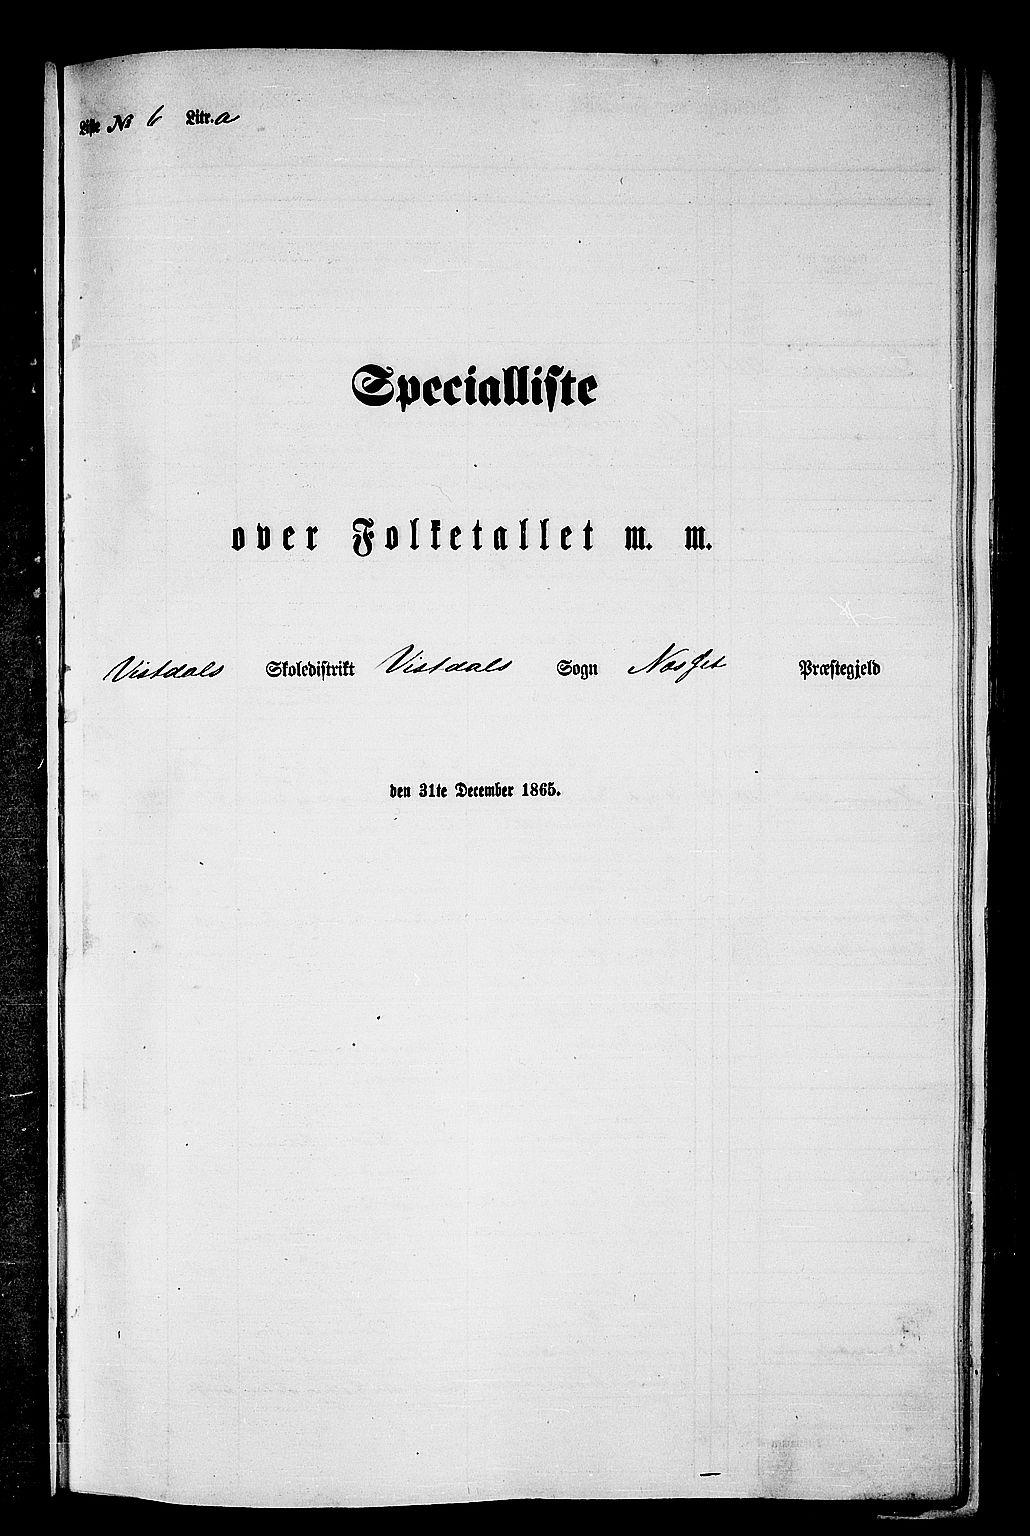 RA, Folketelling 1865 for 1543P Nesset prestegjeld, 1865, s. 121